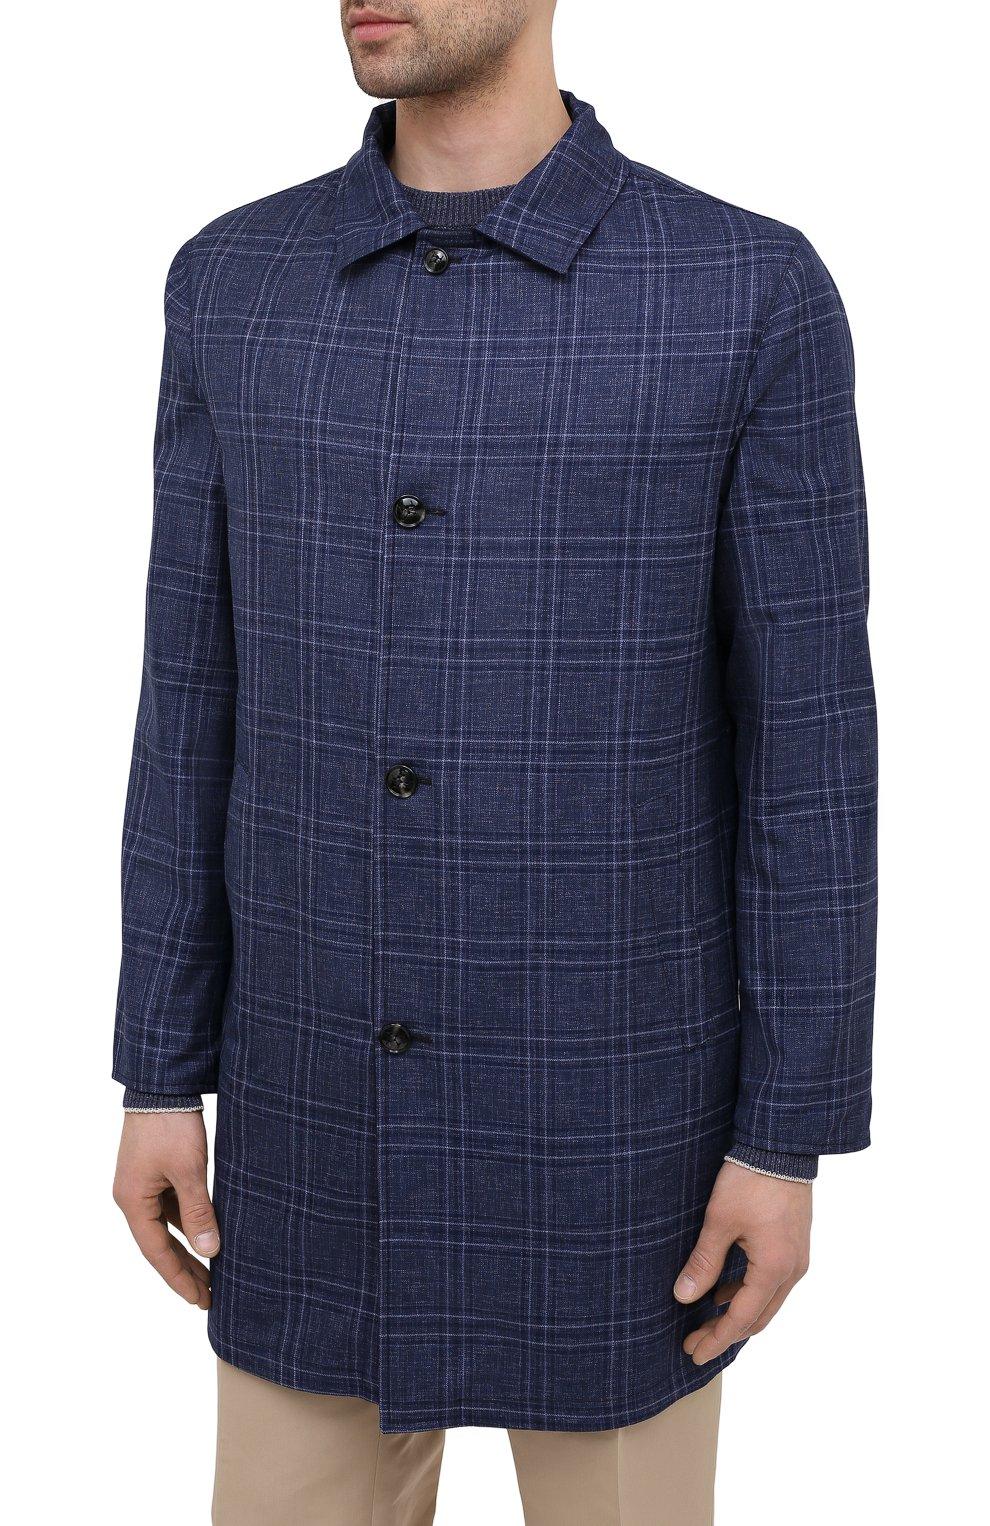 Мужской двусторонний плащ KITON темно-синего цвета, арт. UW0852CV07T80 | Фото 6 (Мужское Кросс-КТ: Плащ-верхняя одежда; Материал внешний: Шерсть, Шелк, Кашемир; Материал утеплителя: Шерсть; Рукава: Длинные; Длина (верхняя одежда): До середины бедра; Стили: Классический)